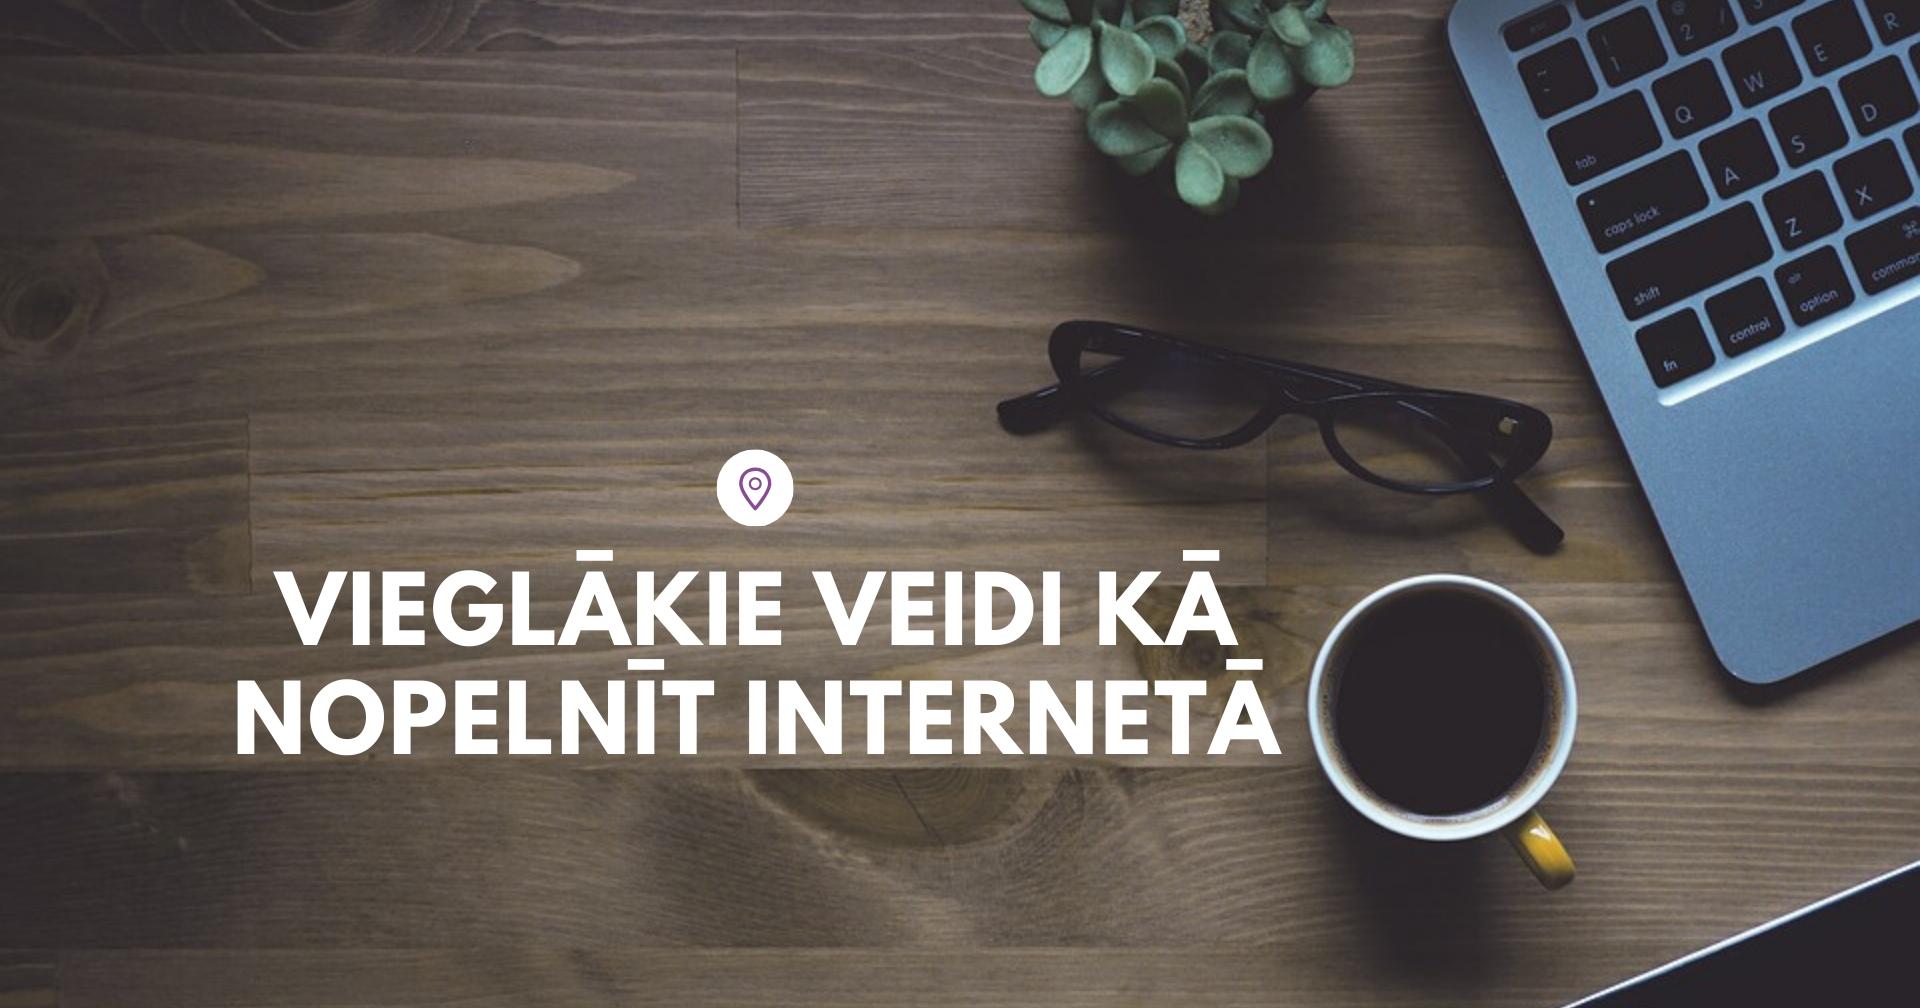 kāds interneta bizness palīdz nopelnīt